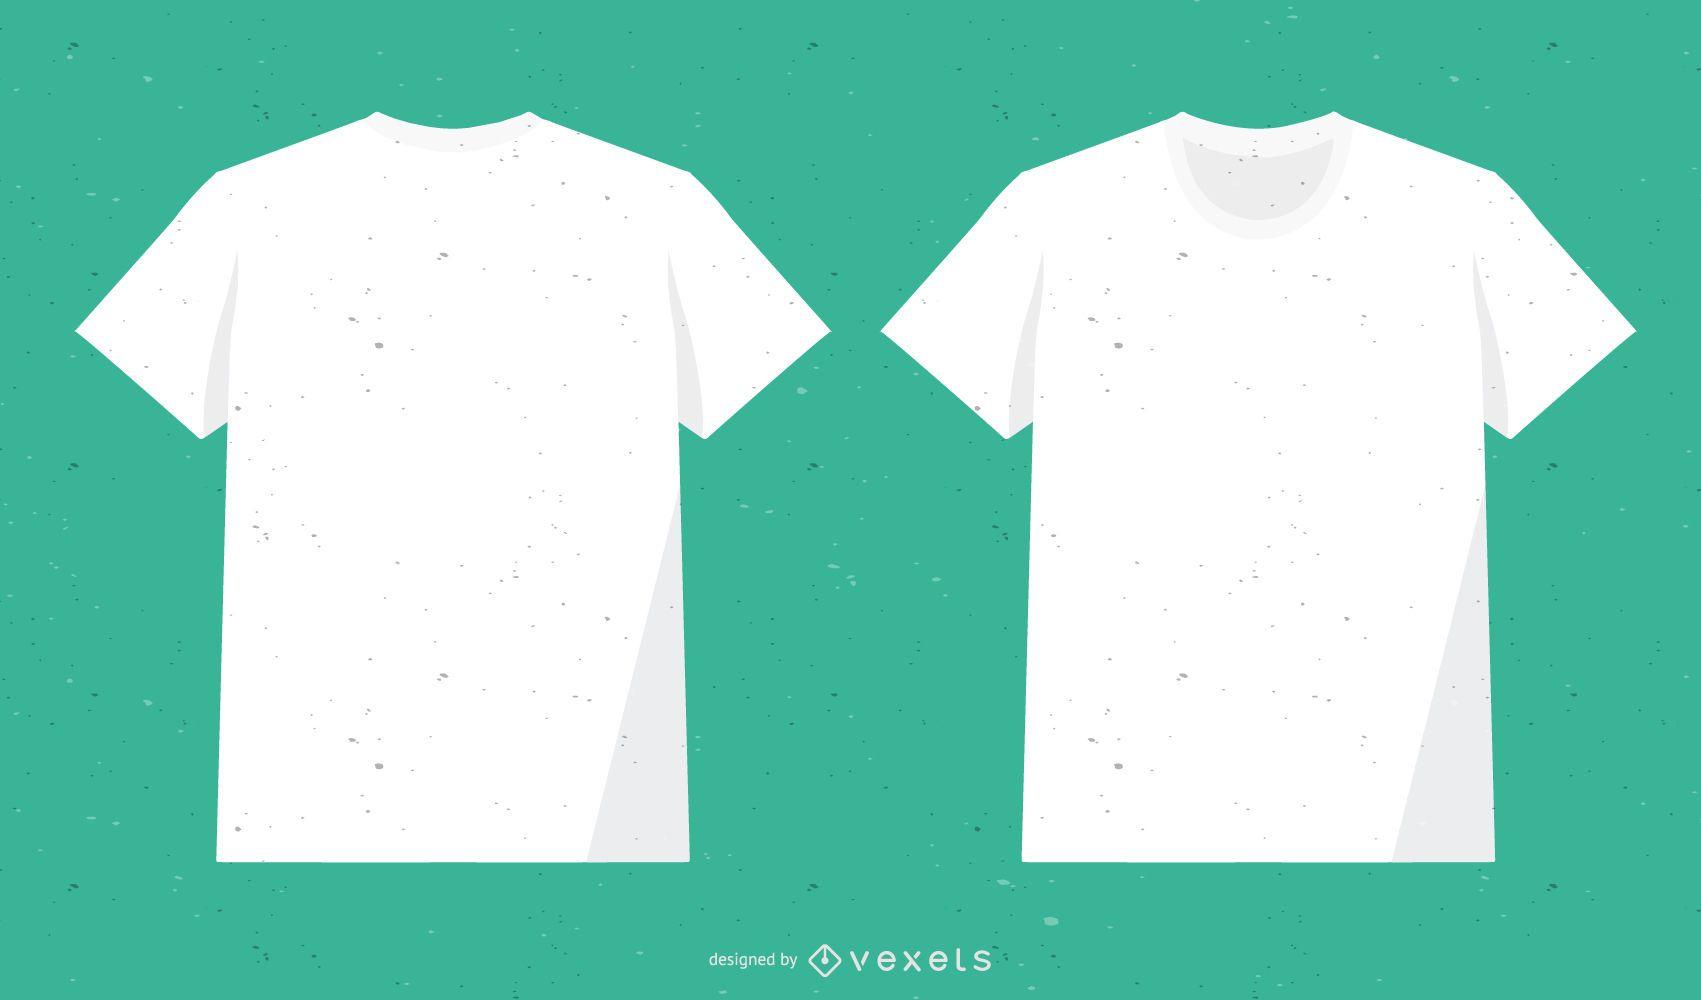 Vetores de camisetas de algodão branco